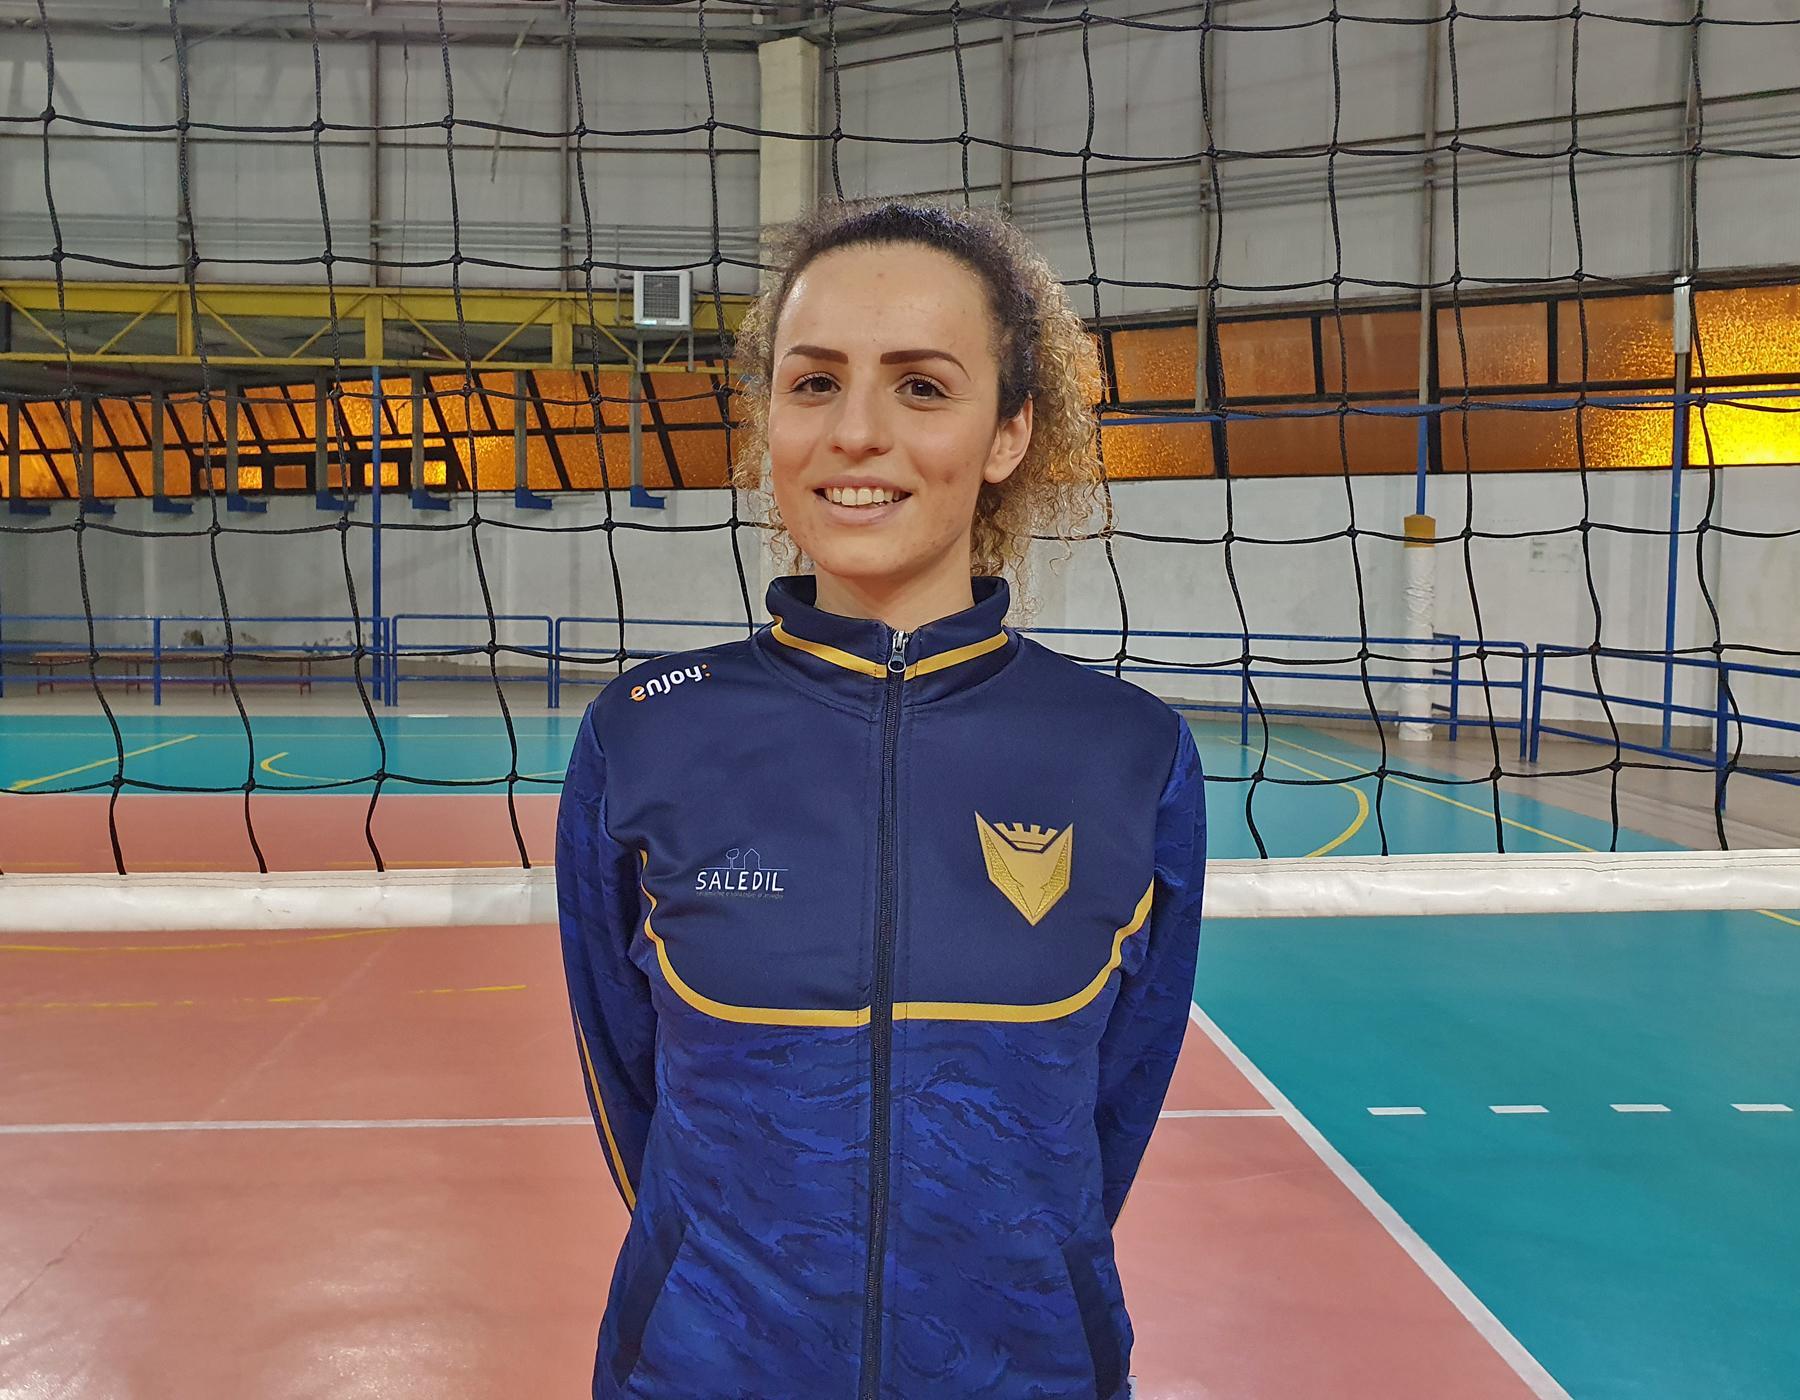 salerno-guiscards,-il-team-volley-si-rinforza-con-eleonora-sorrentino